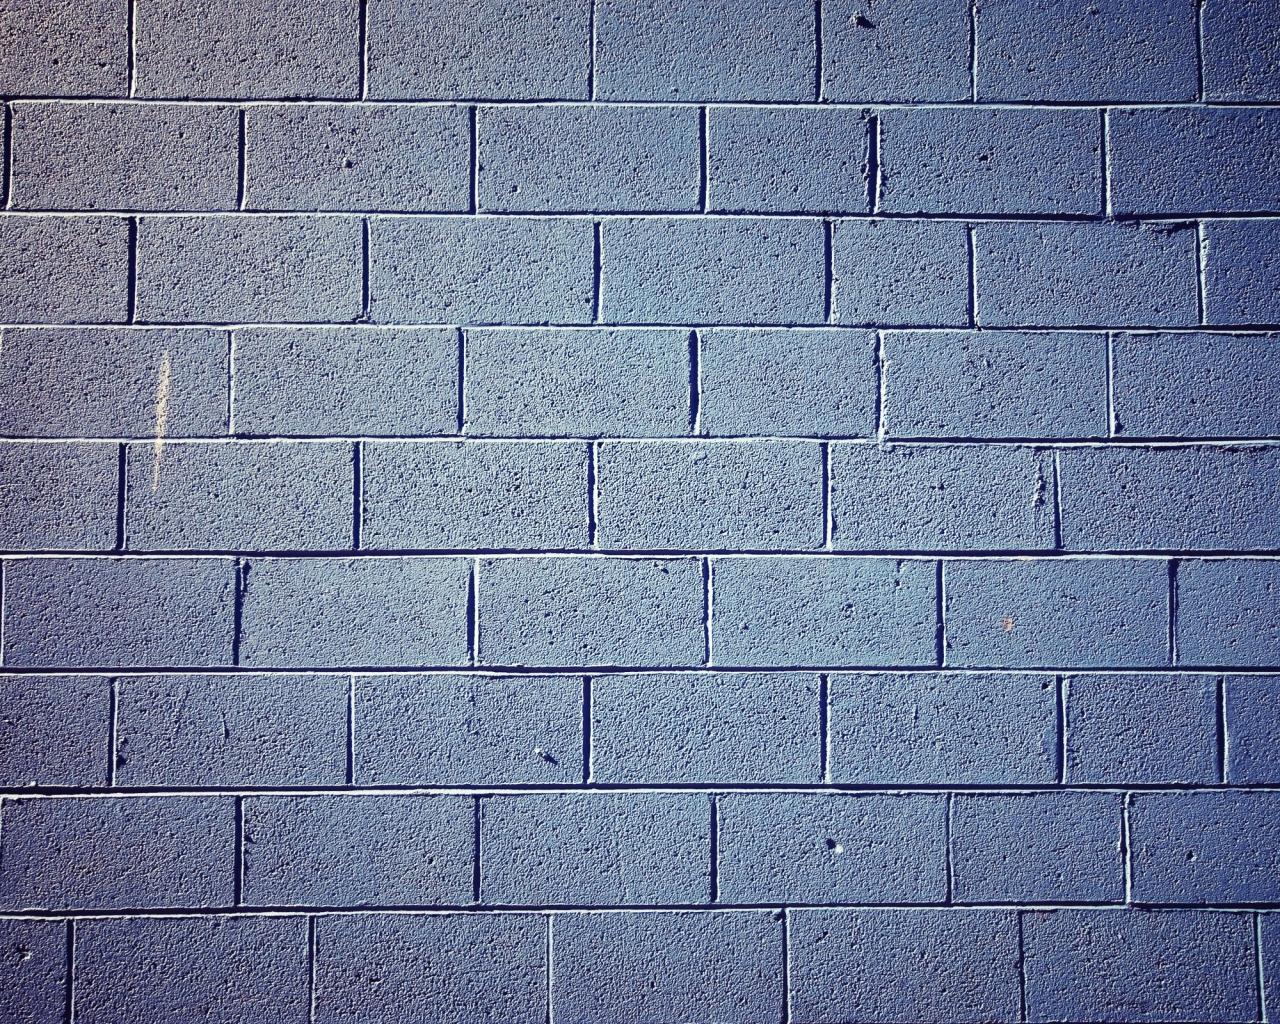 Textura de bloques de cemento - 1280x1024